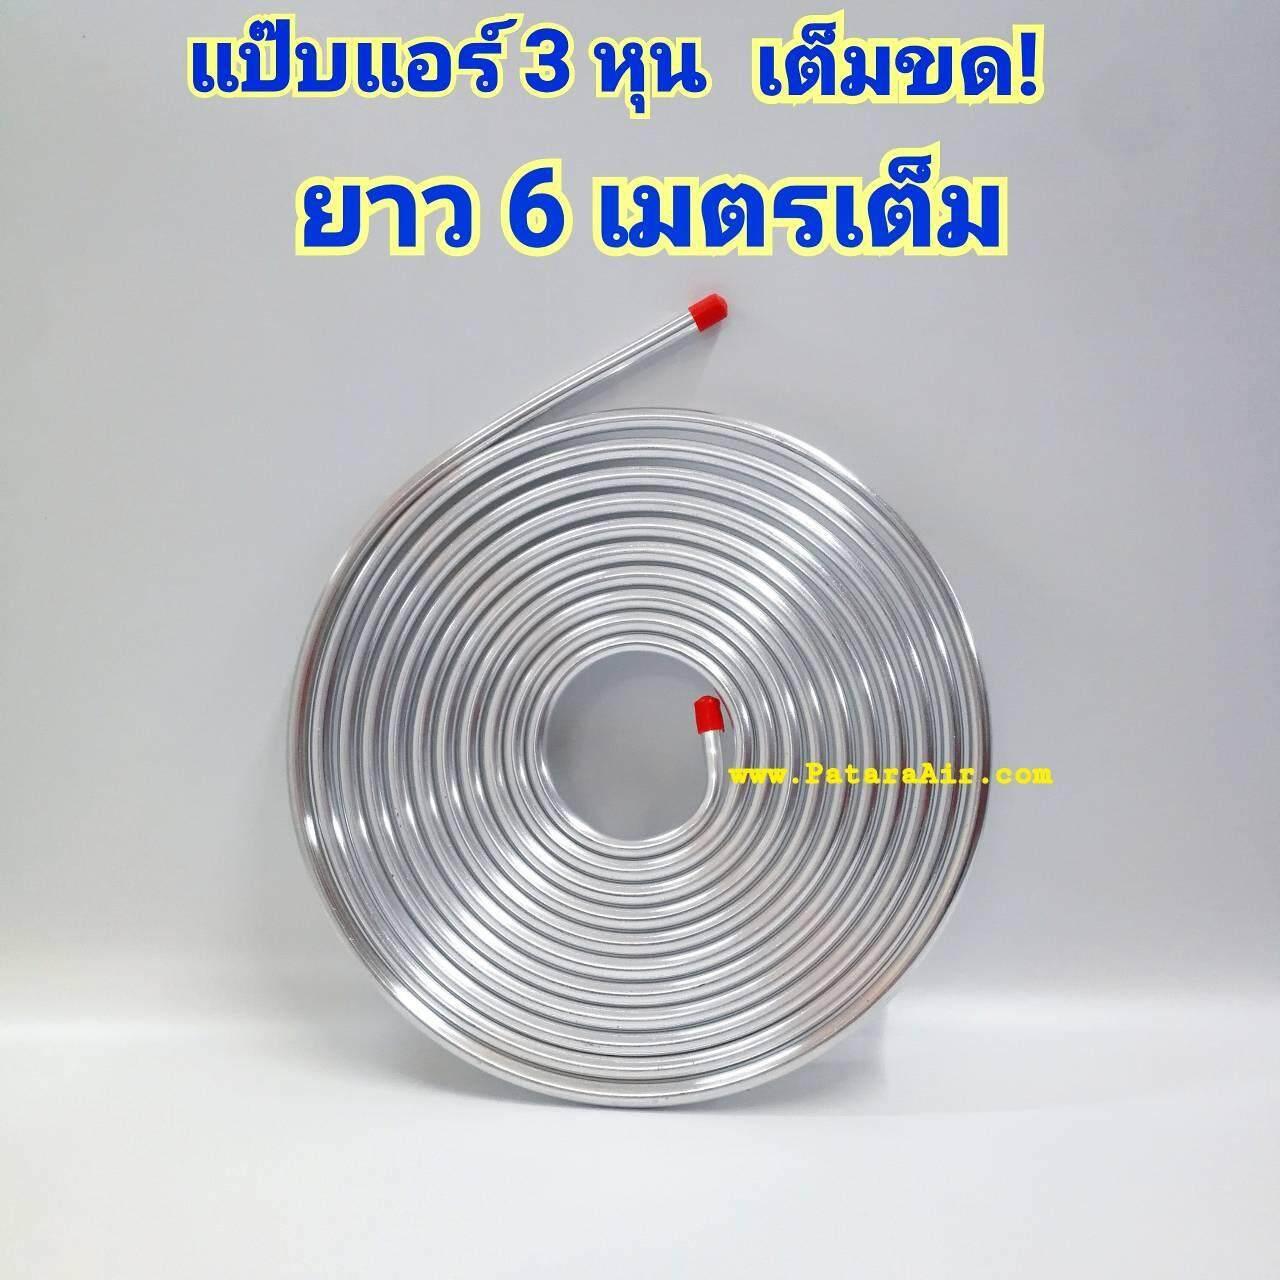 แป๊บแอร์ 3 หุน เต็มขด ยาว 6 เมตรเต็ม อย่างหนา (วงใน 7 Mm วงนอก 9.5mm) แป๊บอลูมิเนียมแบบม้วน แป๊ปอลูมิเนียม แป๊ปแอร์ ท่ออลูมิเนียม By Pataraair.